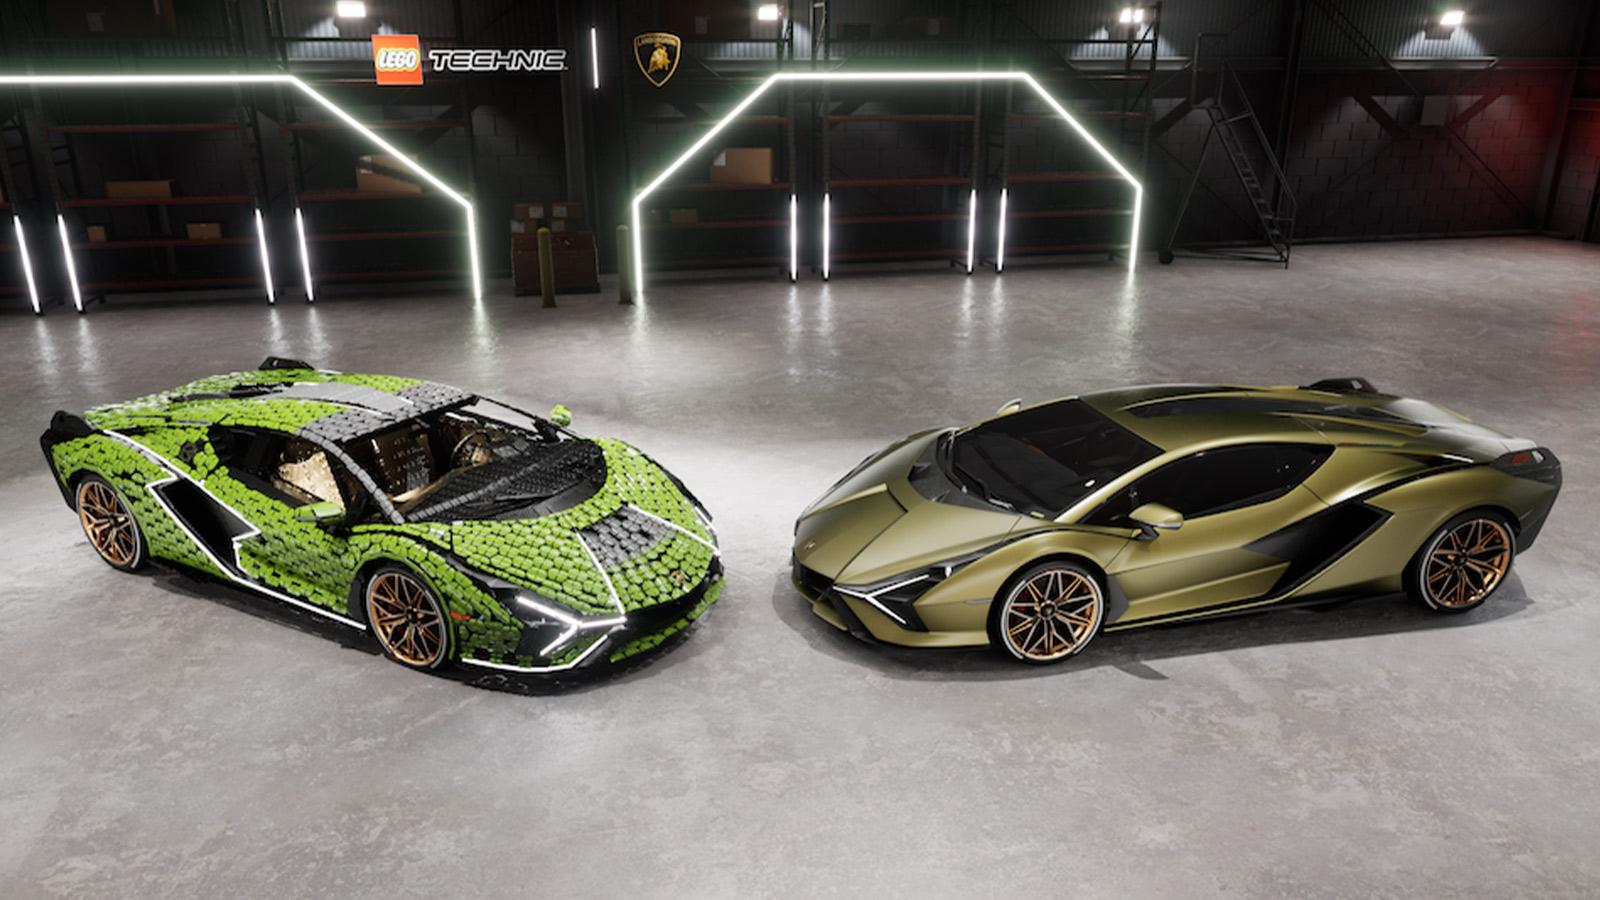 LEGO Technics Life-size Lamborghini Sián FKP 37